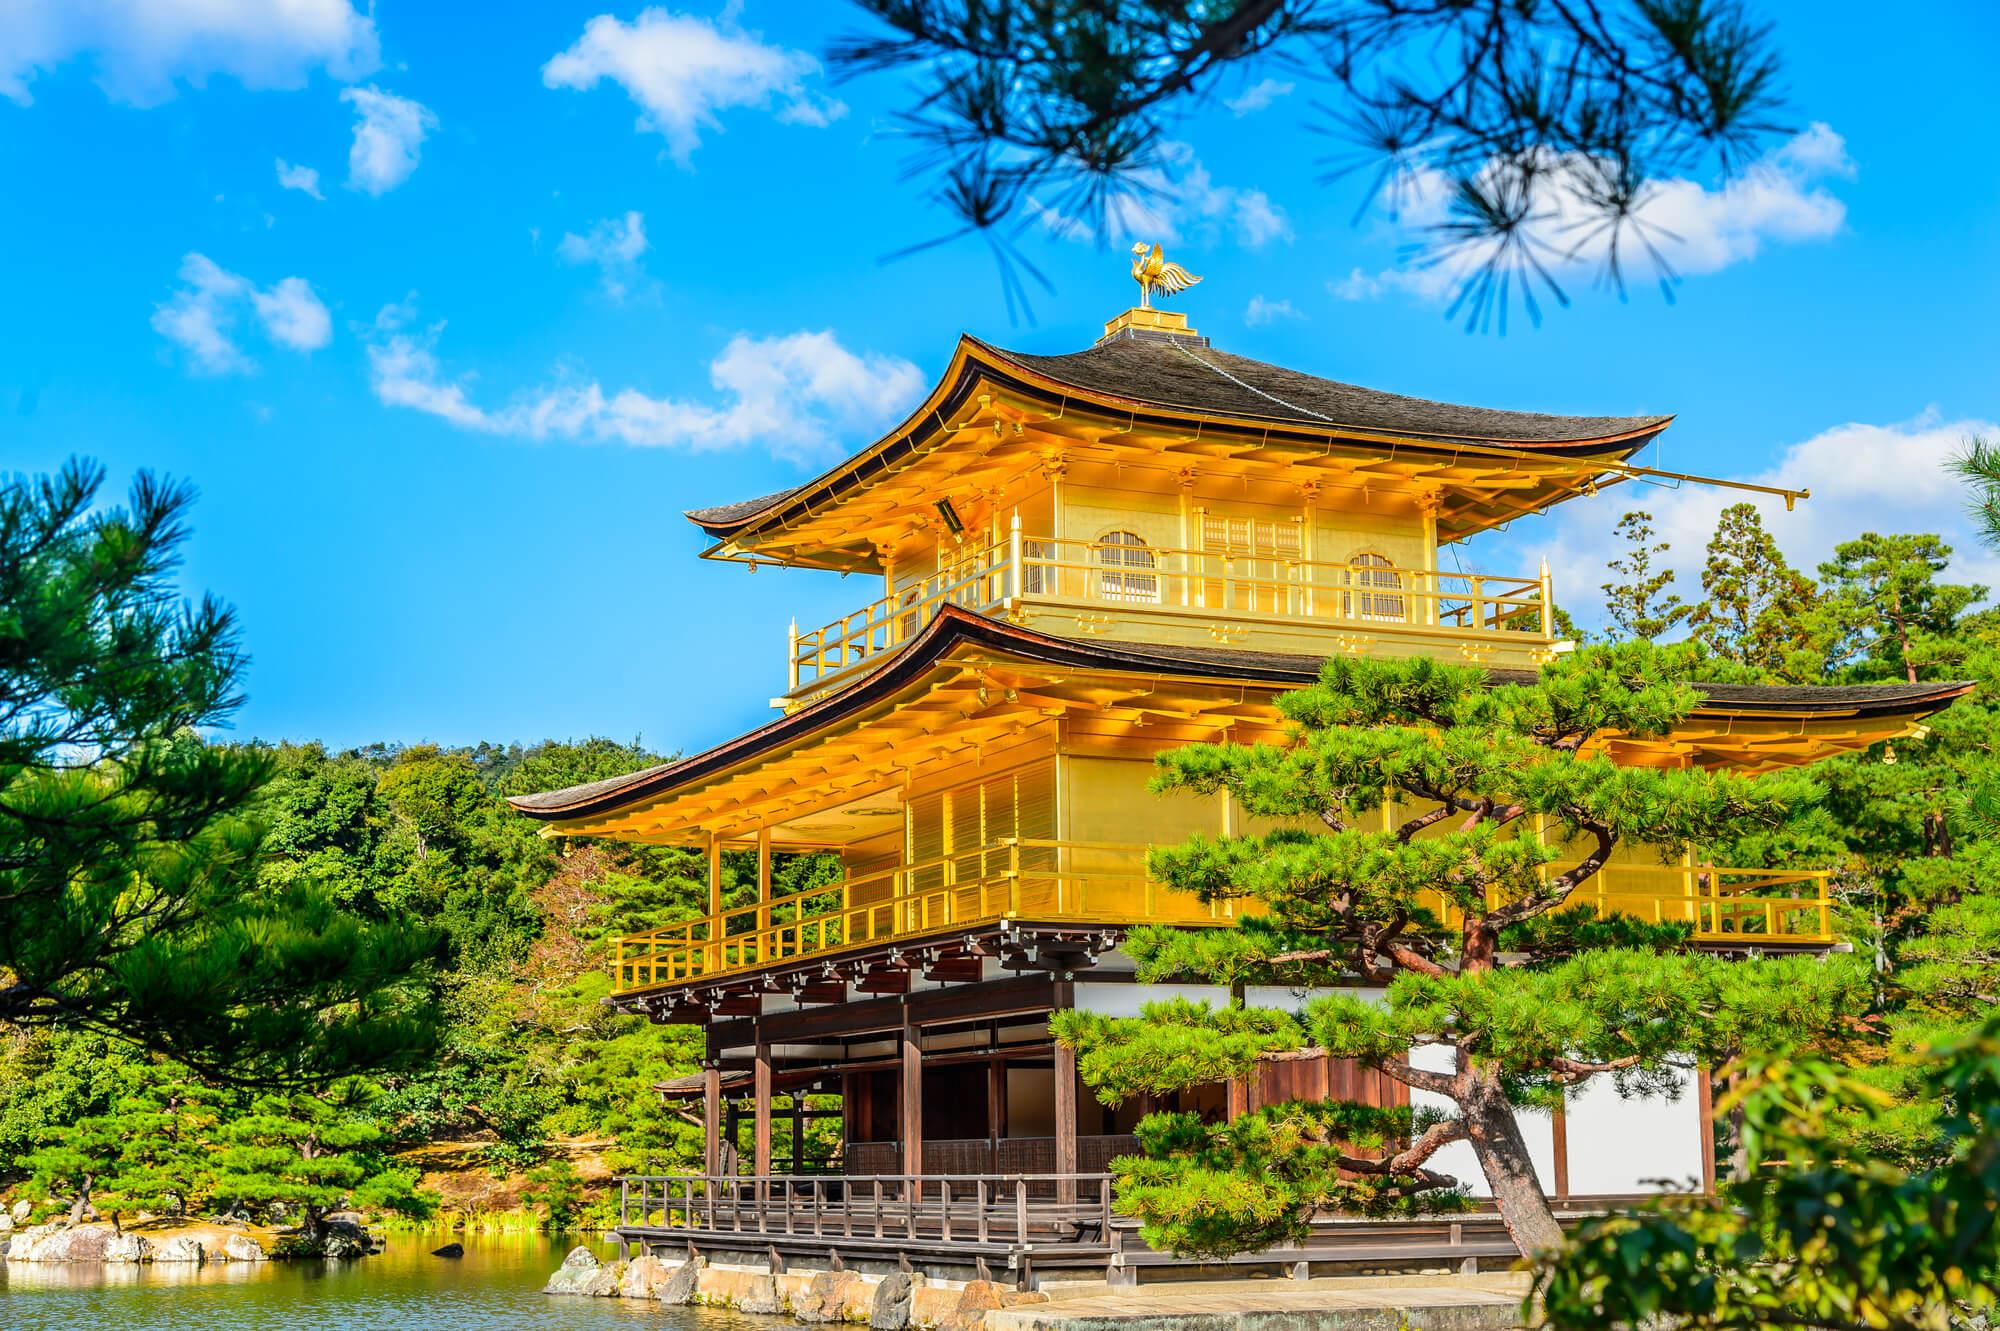 金閣寺の外観